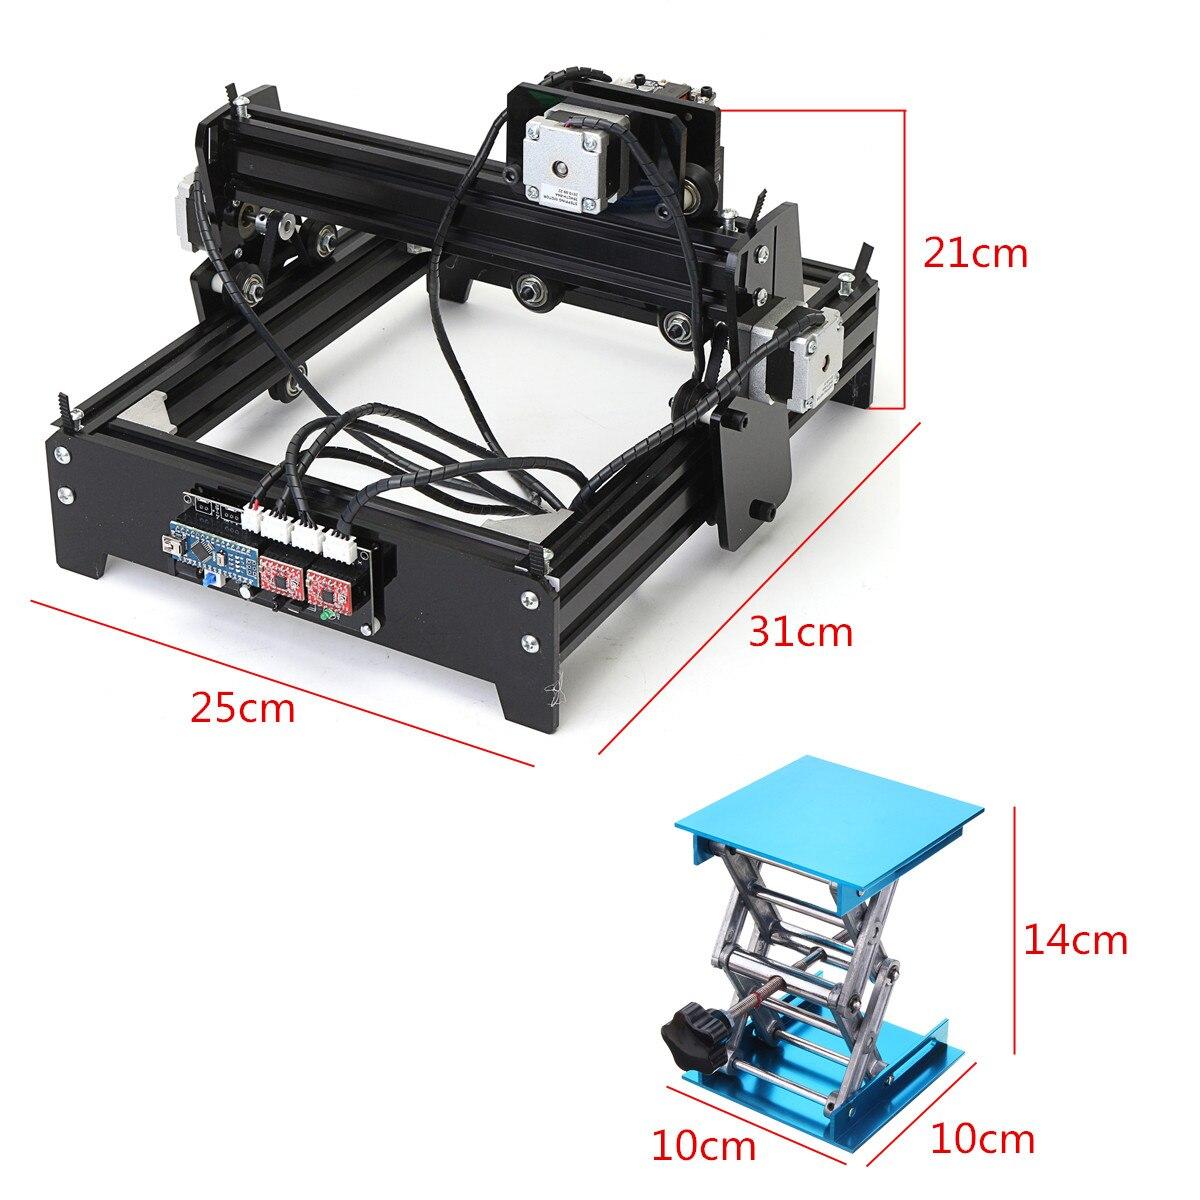 12 w 12000 mW 12 v bricolage CNC graveur Laser USB métal pierre gravure Machine bureau bois routeur/Cutter/imprimante pour Windows 7/8/10 - 5